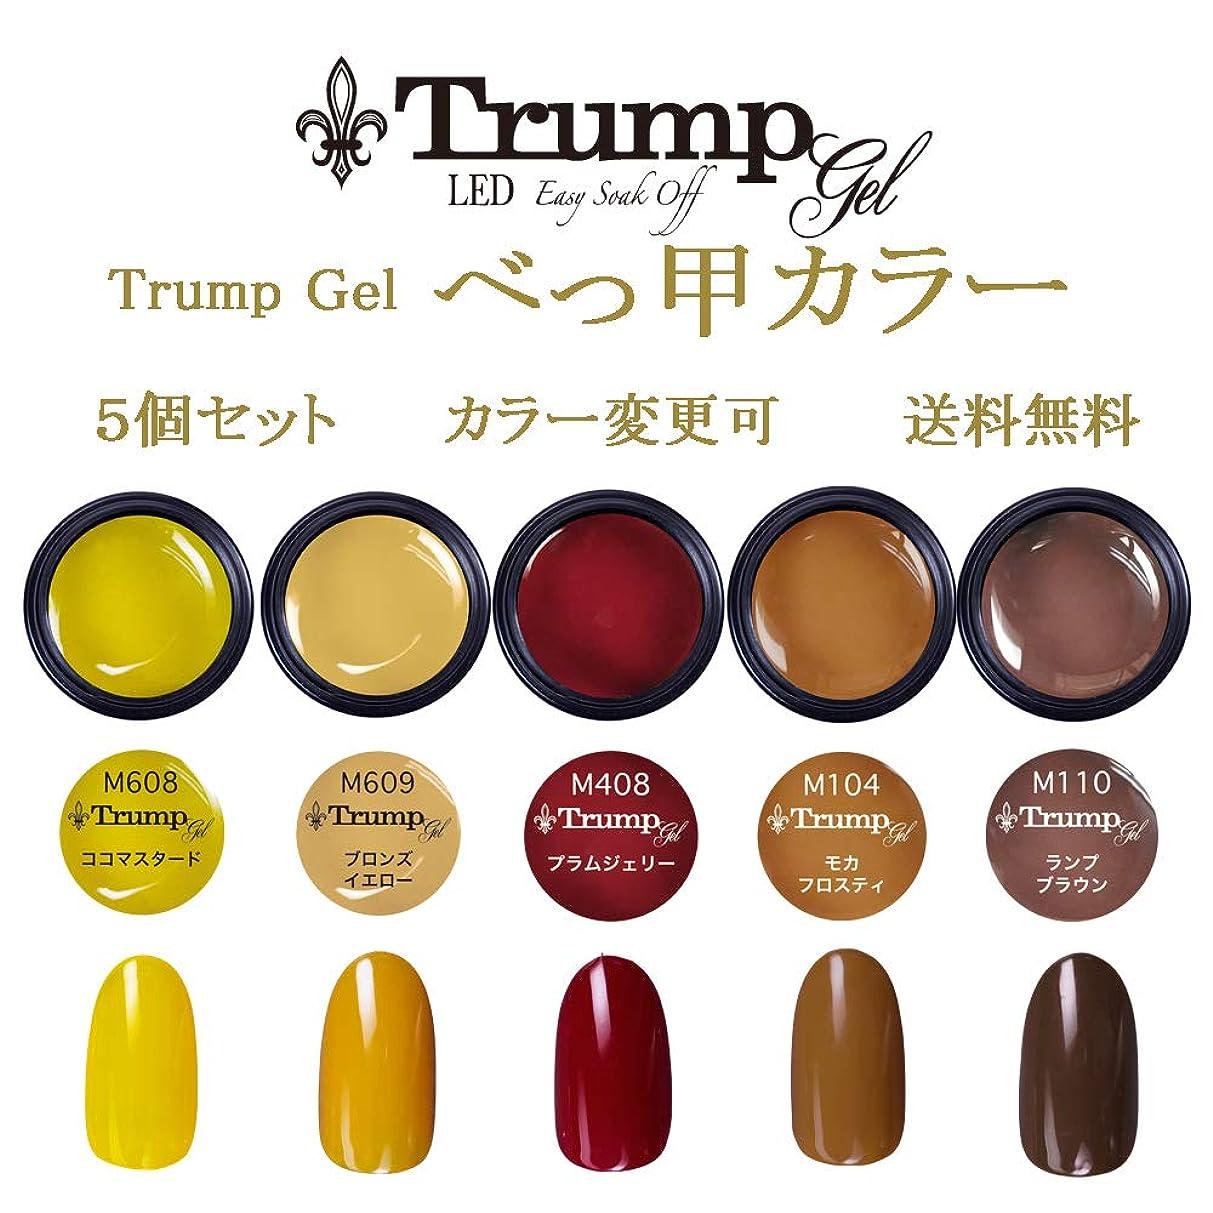 保持パニックピーブ日本製 Trump gel トランプジェル べっ甲 ネイルカラー 選べる カラージェル 5個セット イエロー ブラウン ワイン べっこう